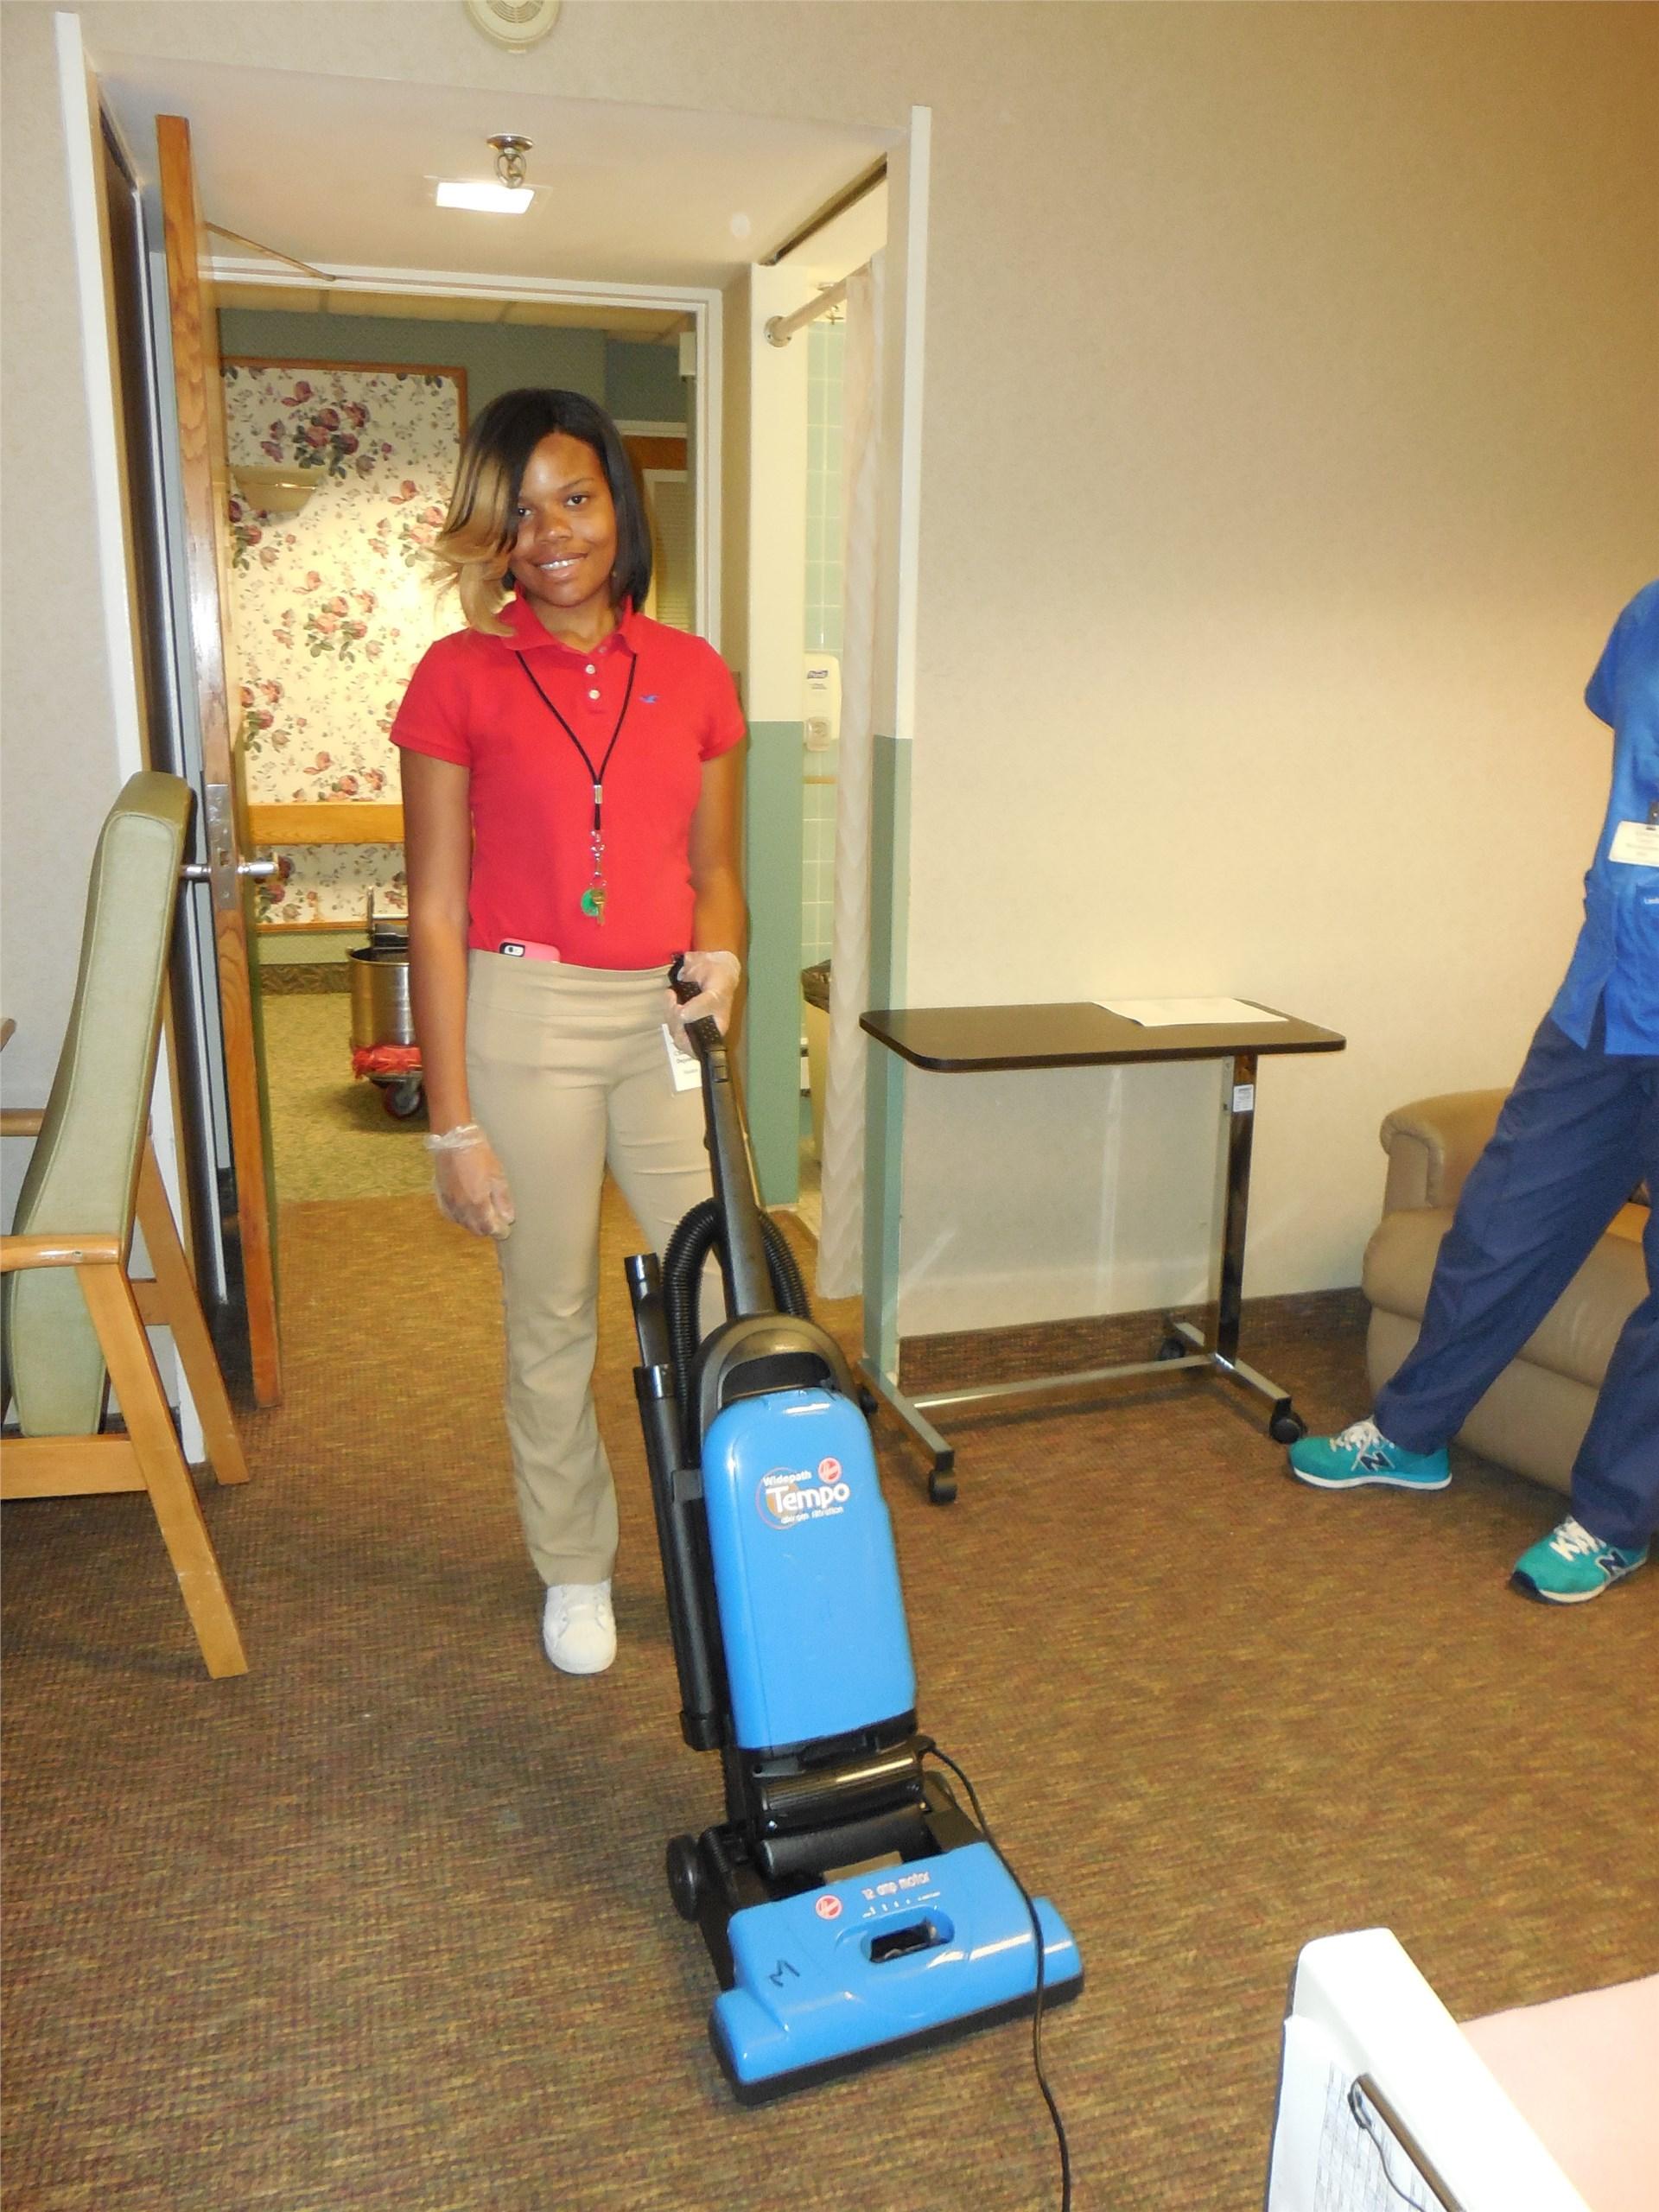 Menorah Park Housekeeping-Marcus Rehabilitation Wing